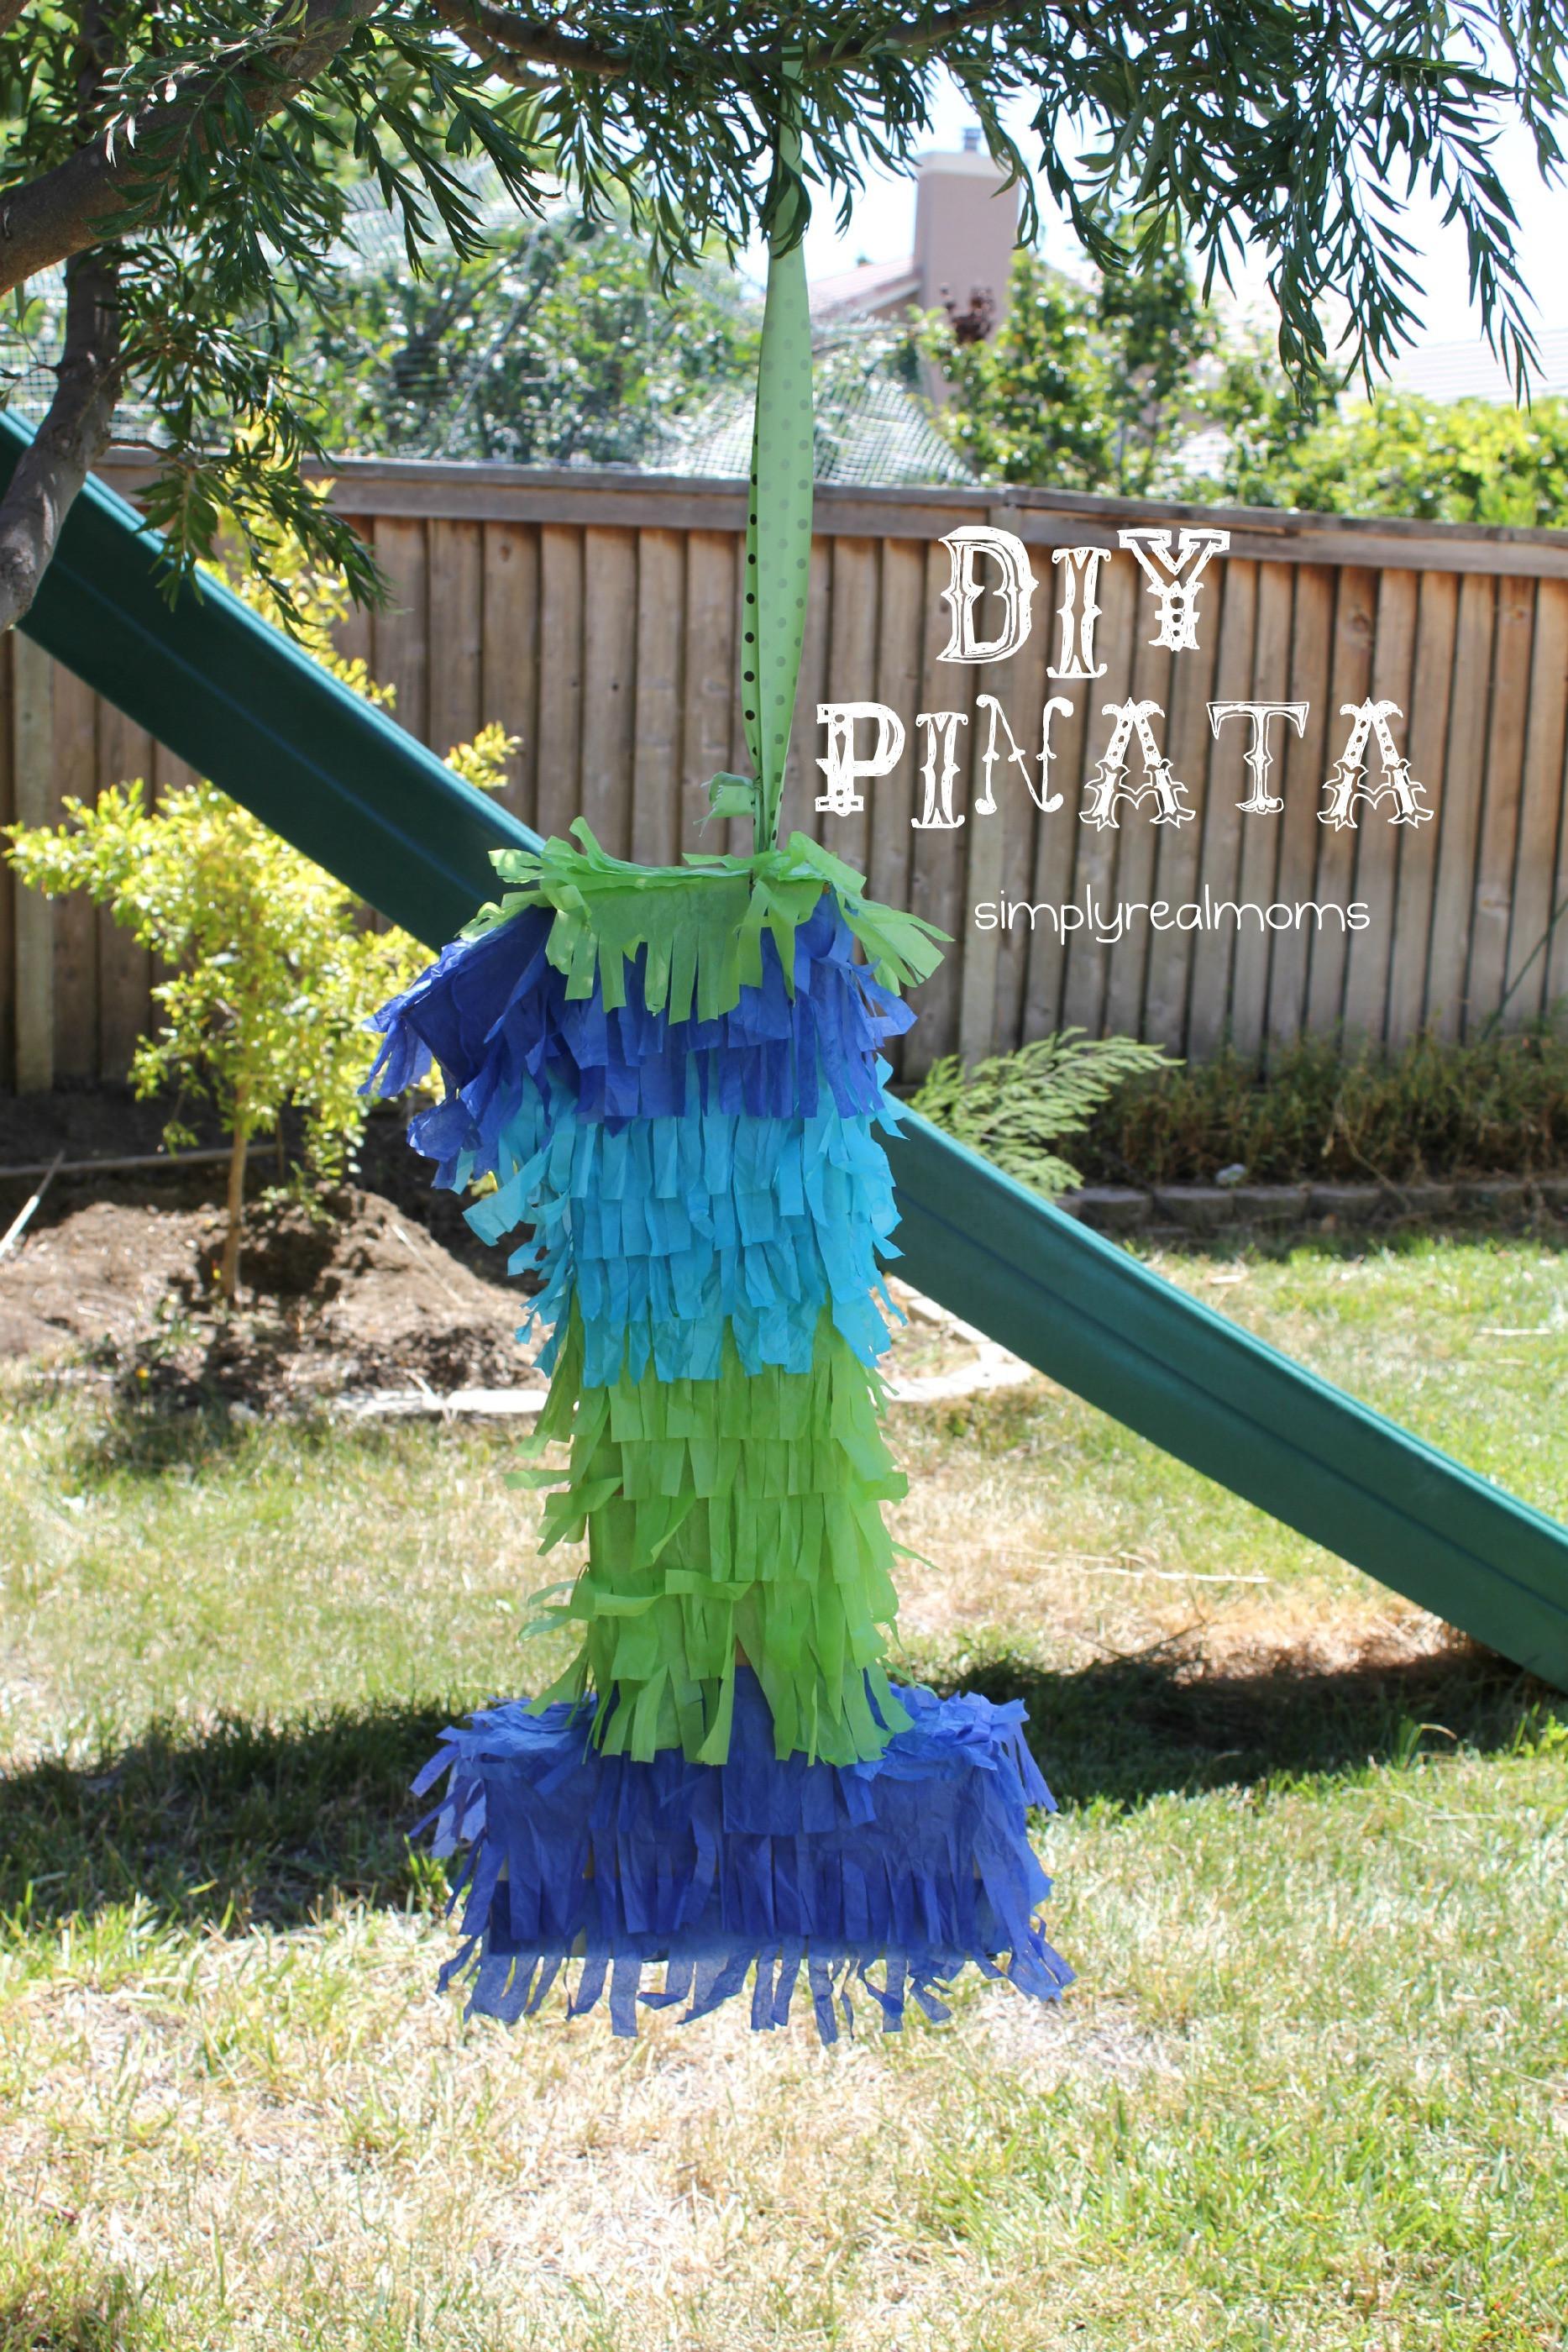 Pinata Diy  Jungle Themed Party DIY Number Piñata Simply Real Moms